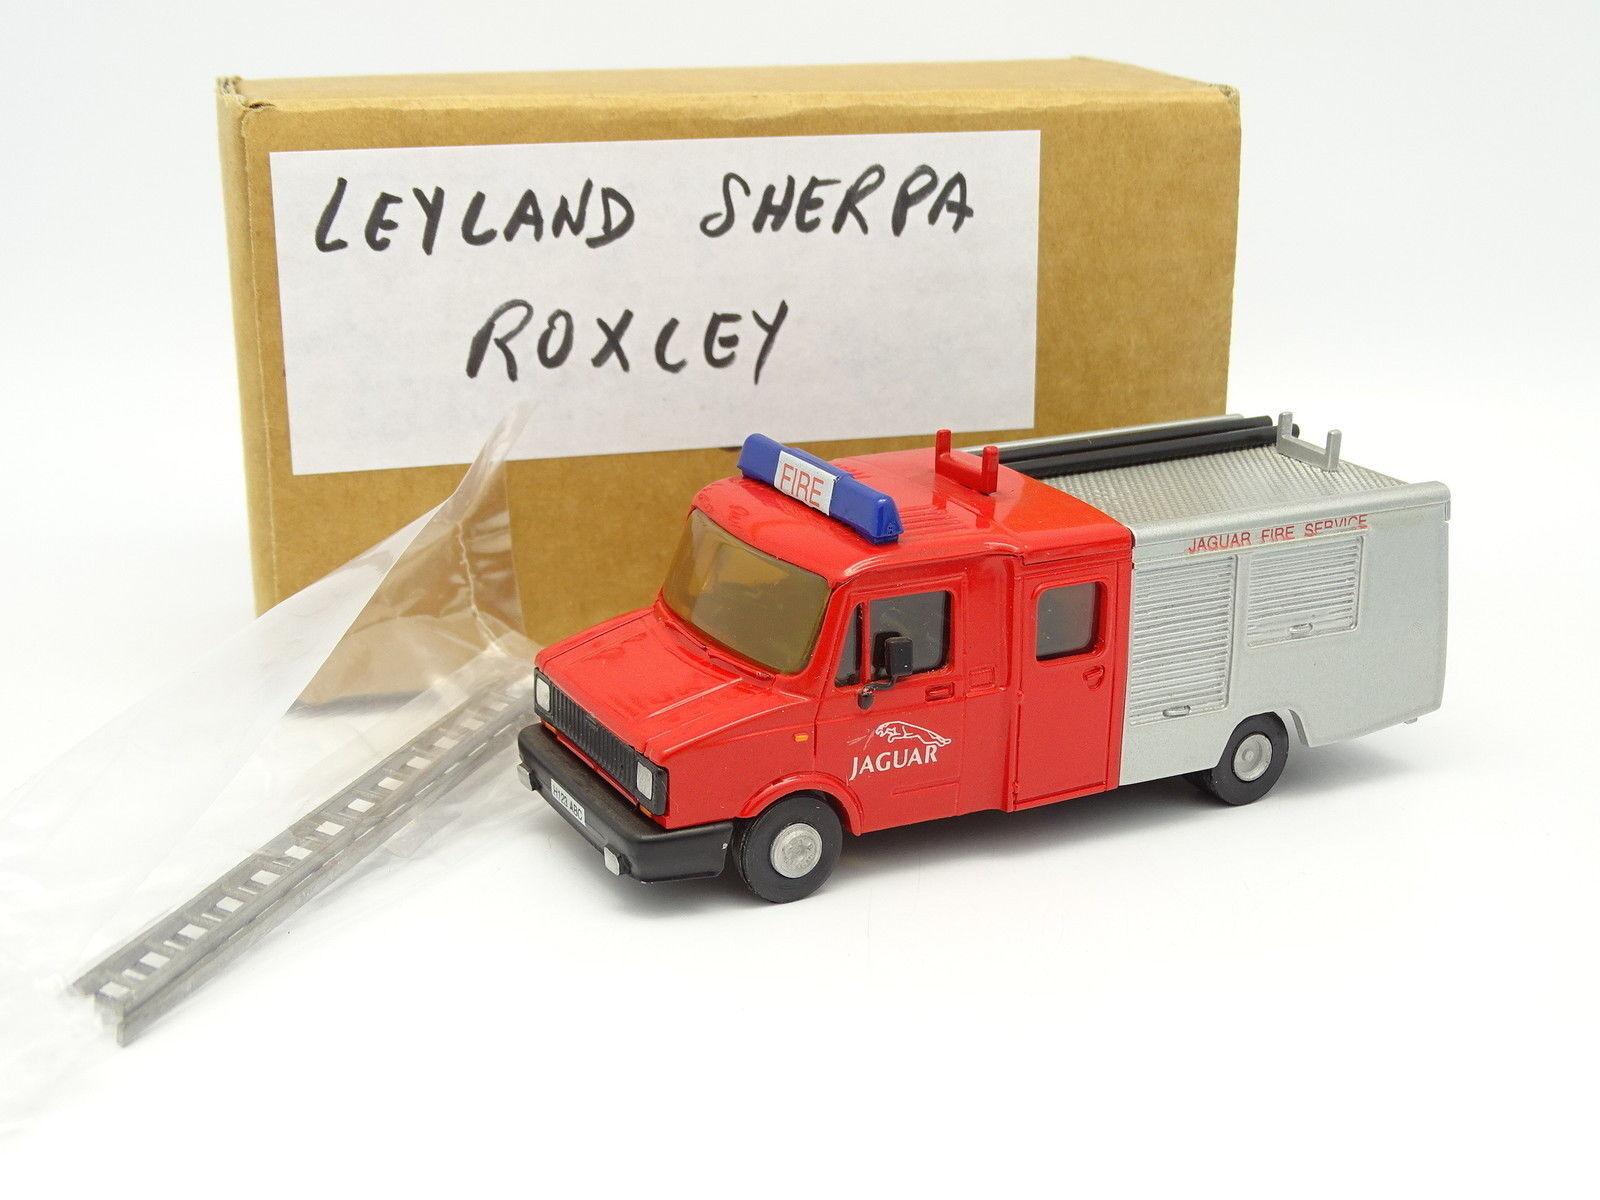 Roxley Roxley Roxley Kit Monté 1/50 - Leyland DAF 400 Fire & Rescue Pompiers Usine Jaguar a4916a